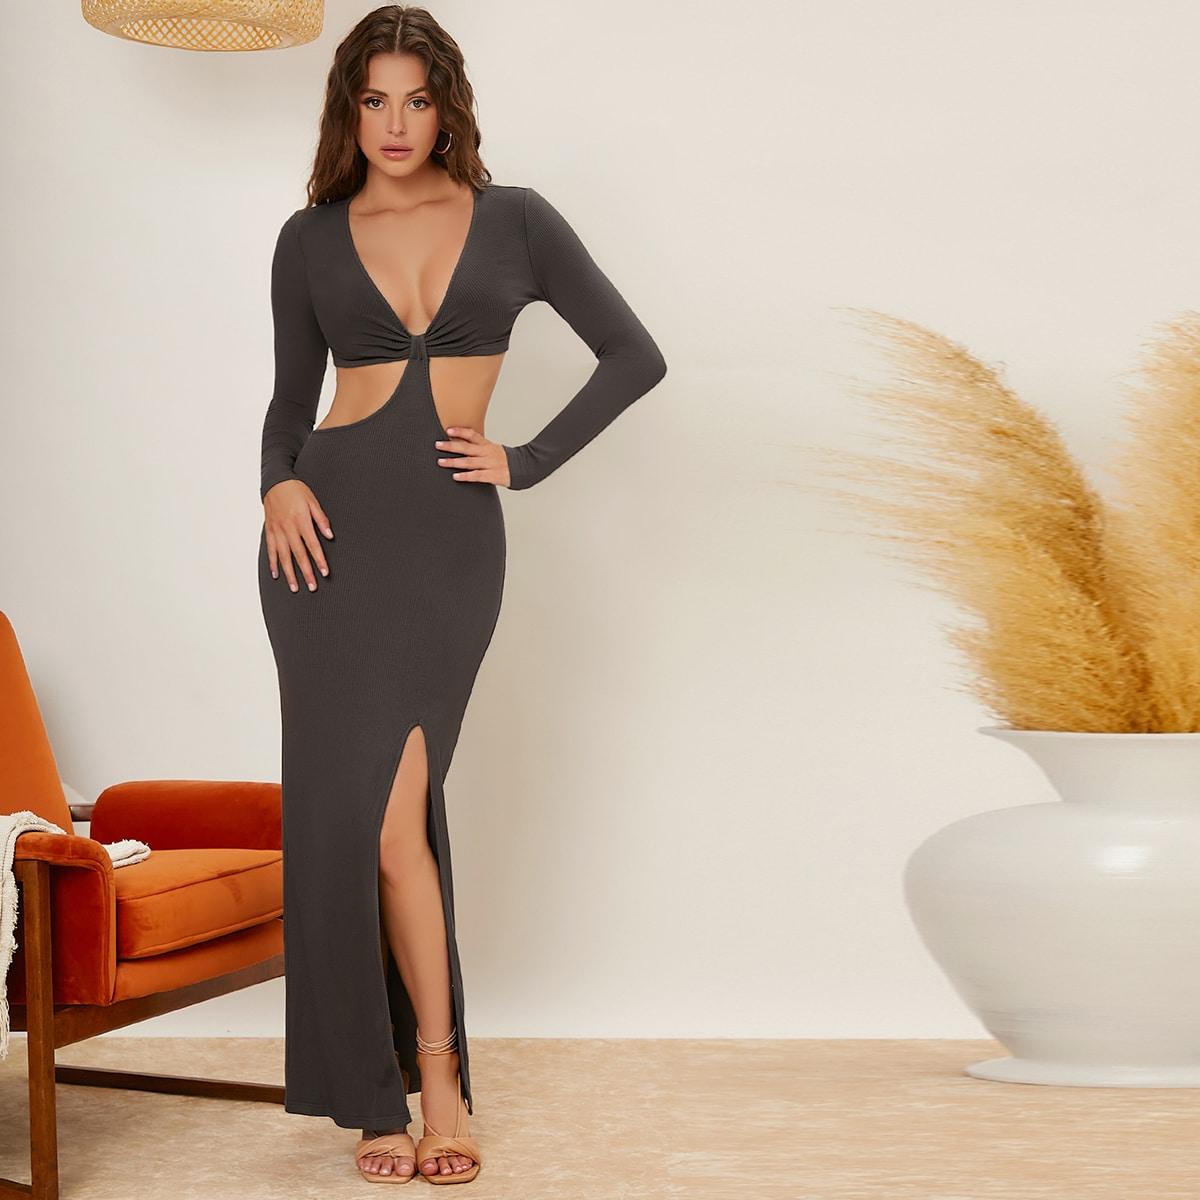 Платье с разрезом высоким разрезом SheIn sw2106192649614724